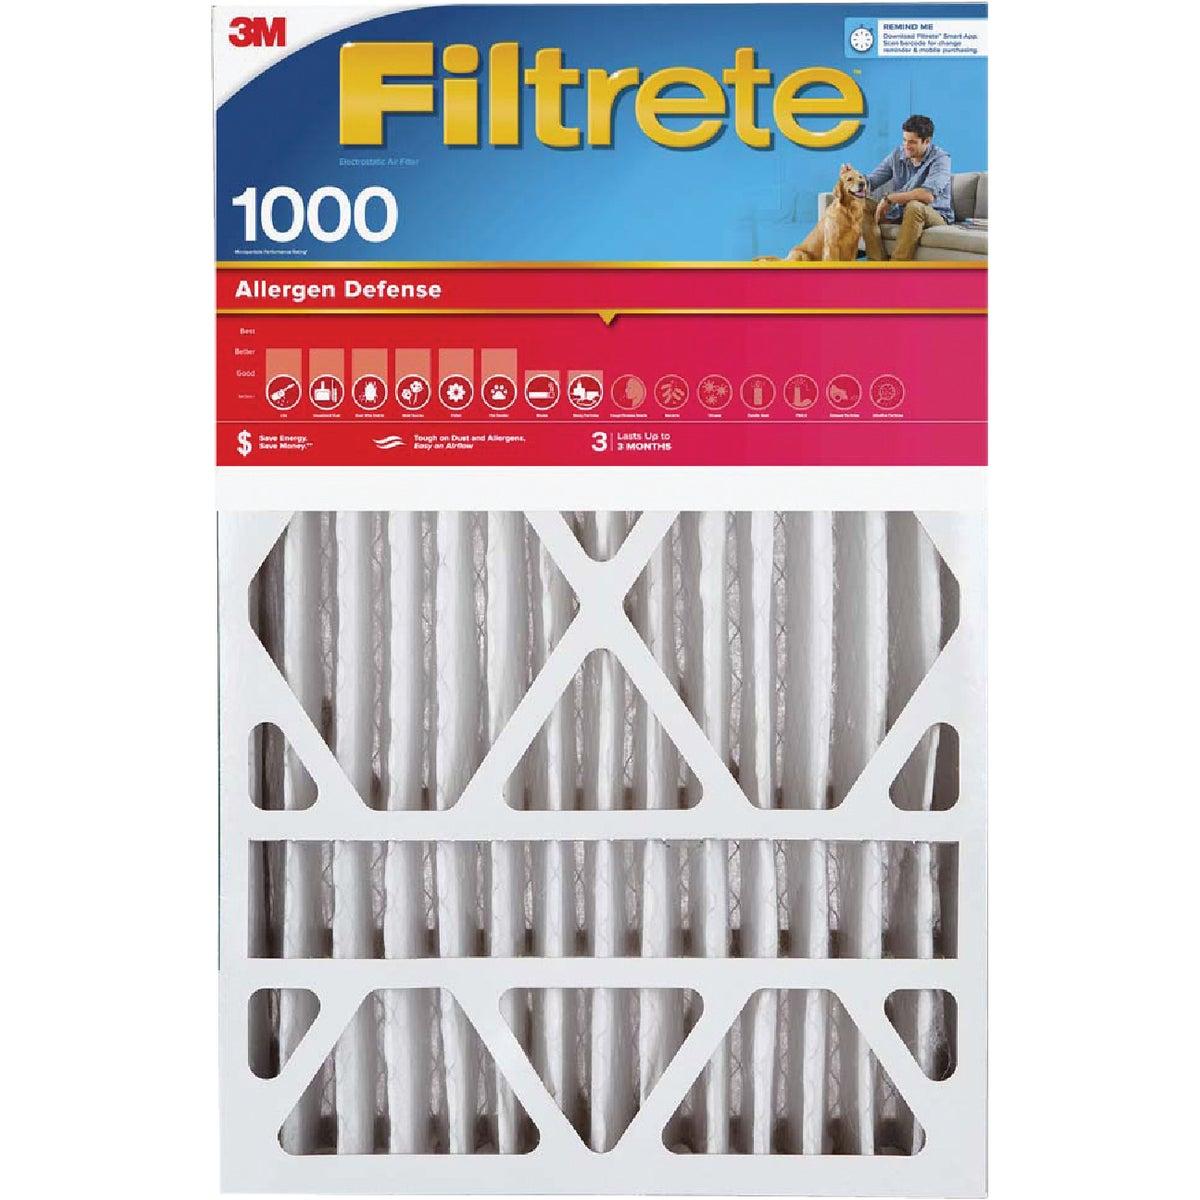 3M Filtrete 16 In. x 25 In. x 1 In. Allergen Defense 1000/1085 MPR Furnace Filter (2-Pack)